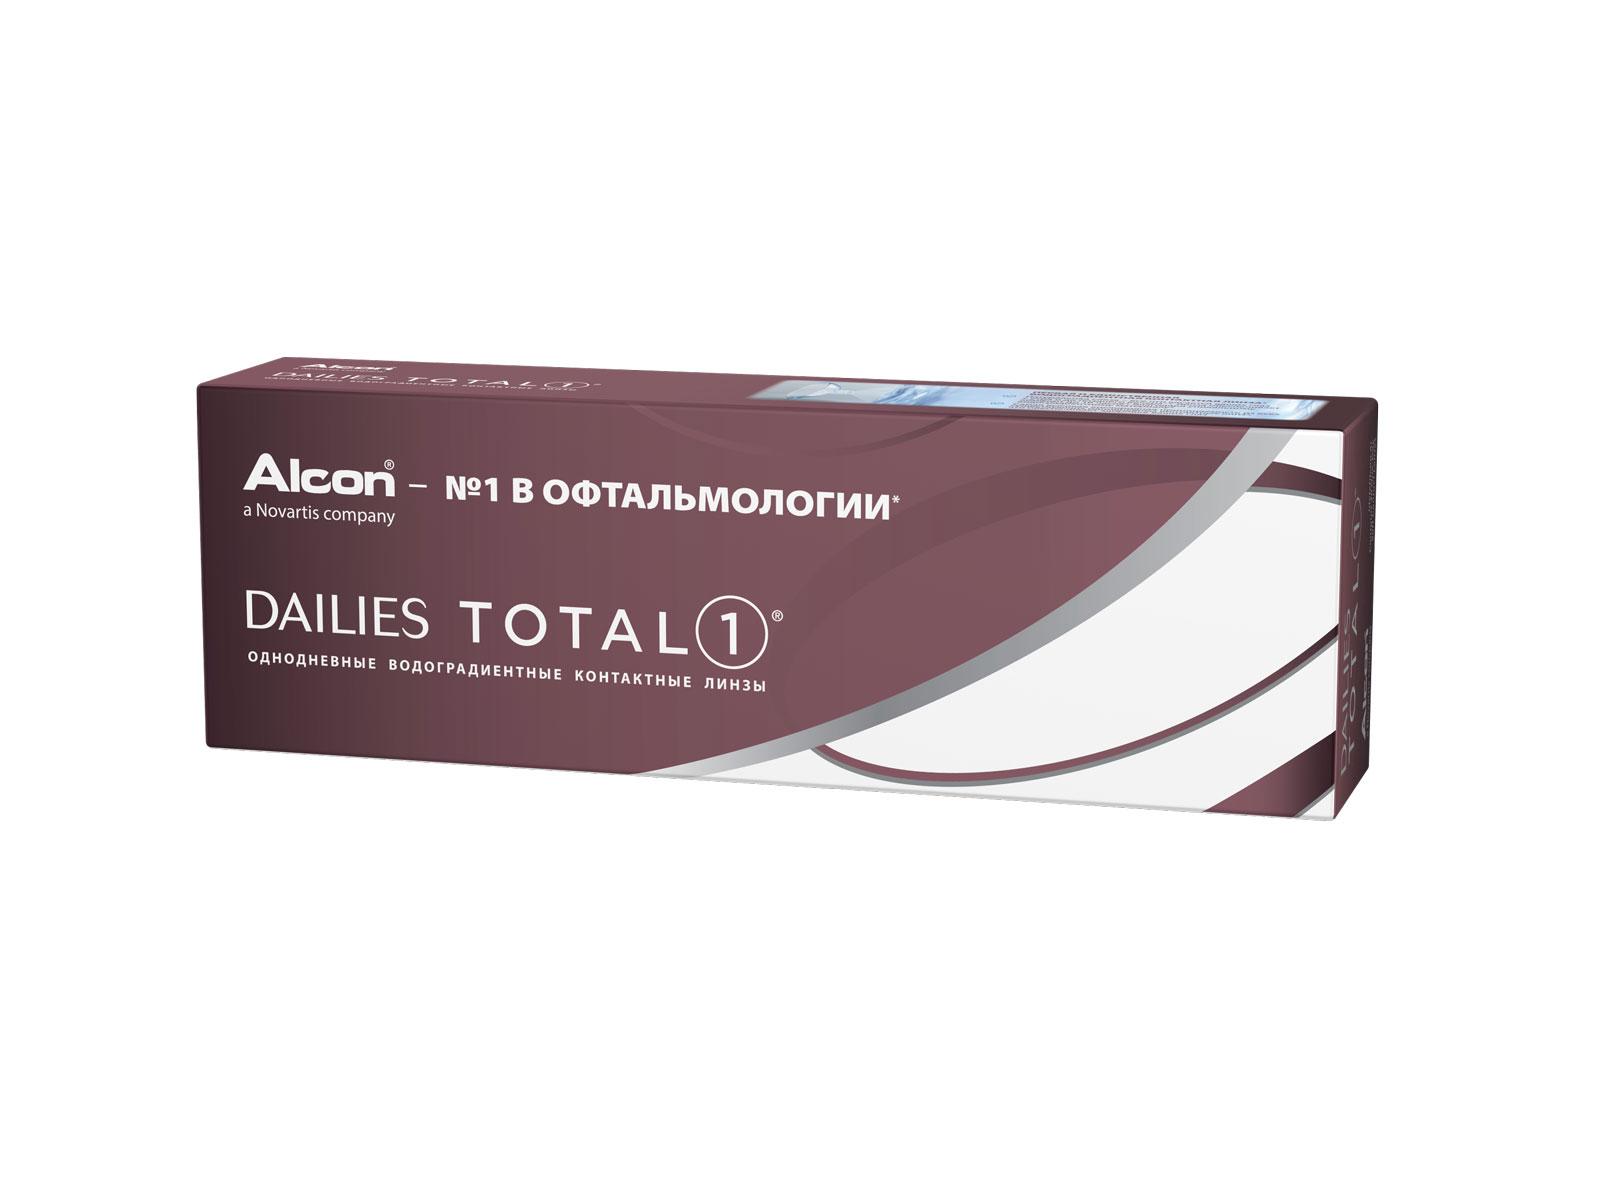 Alcon контактные линзы Dailies Total 1 30pk /+3.25 / 8.5 / 14.1100033585Dailies Total 1 – линзы, которые не чувствуешь с утра и до поздного вечера. Эти однодневные контактные линзы выполнены из уникального водоградиентного материала, багодаря которому натуральная слеза – это все, что касается ваших глаз. Почти 100% влаги на поверхности обеспечивают непревзойденный комфорт до 16 часов ношения.